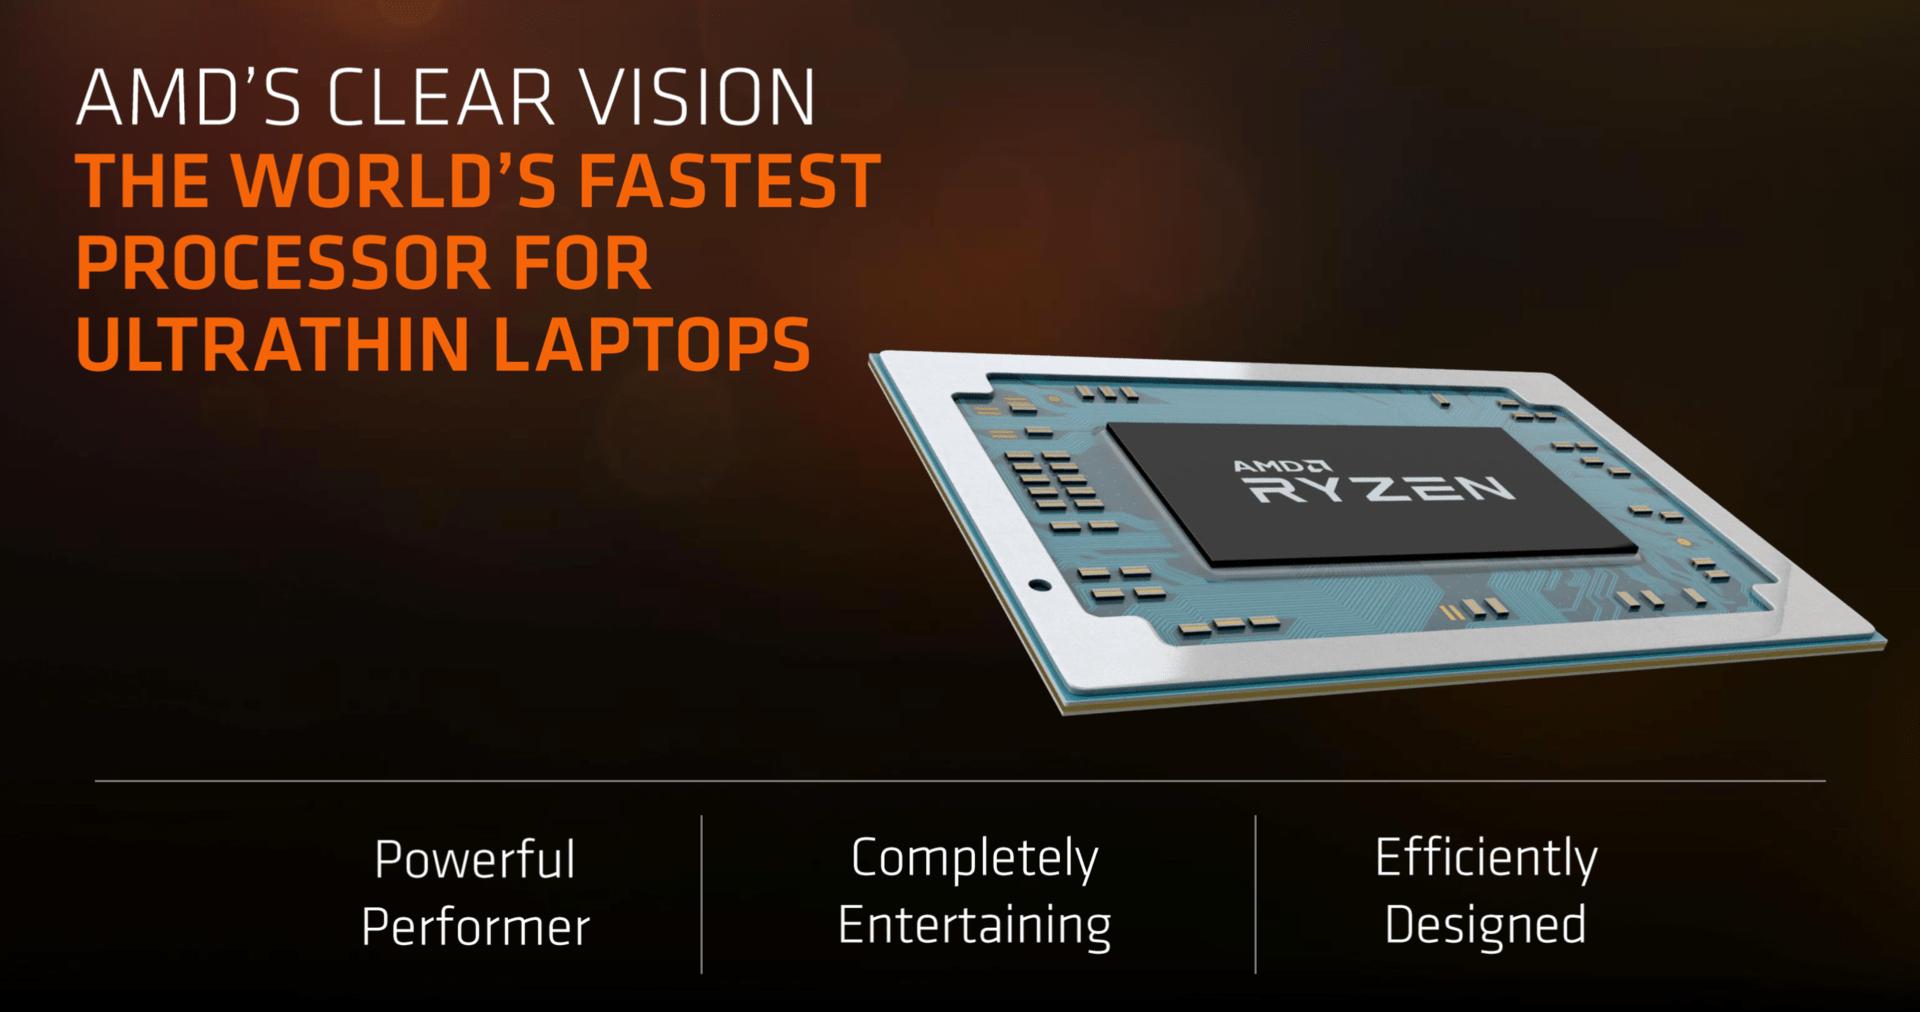 AMDS Vision vom schnellsten Prozessor für Ultradünne Notebooks